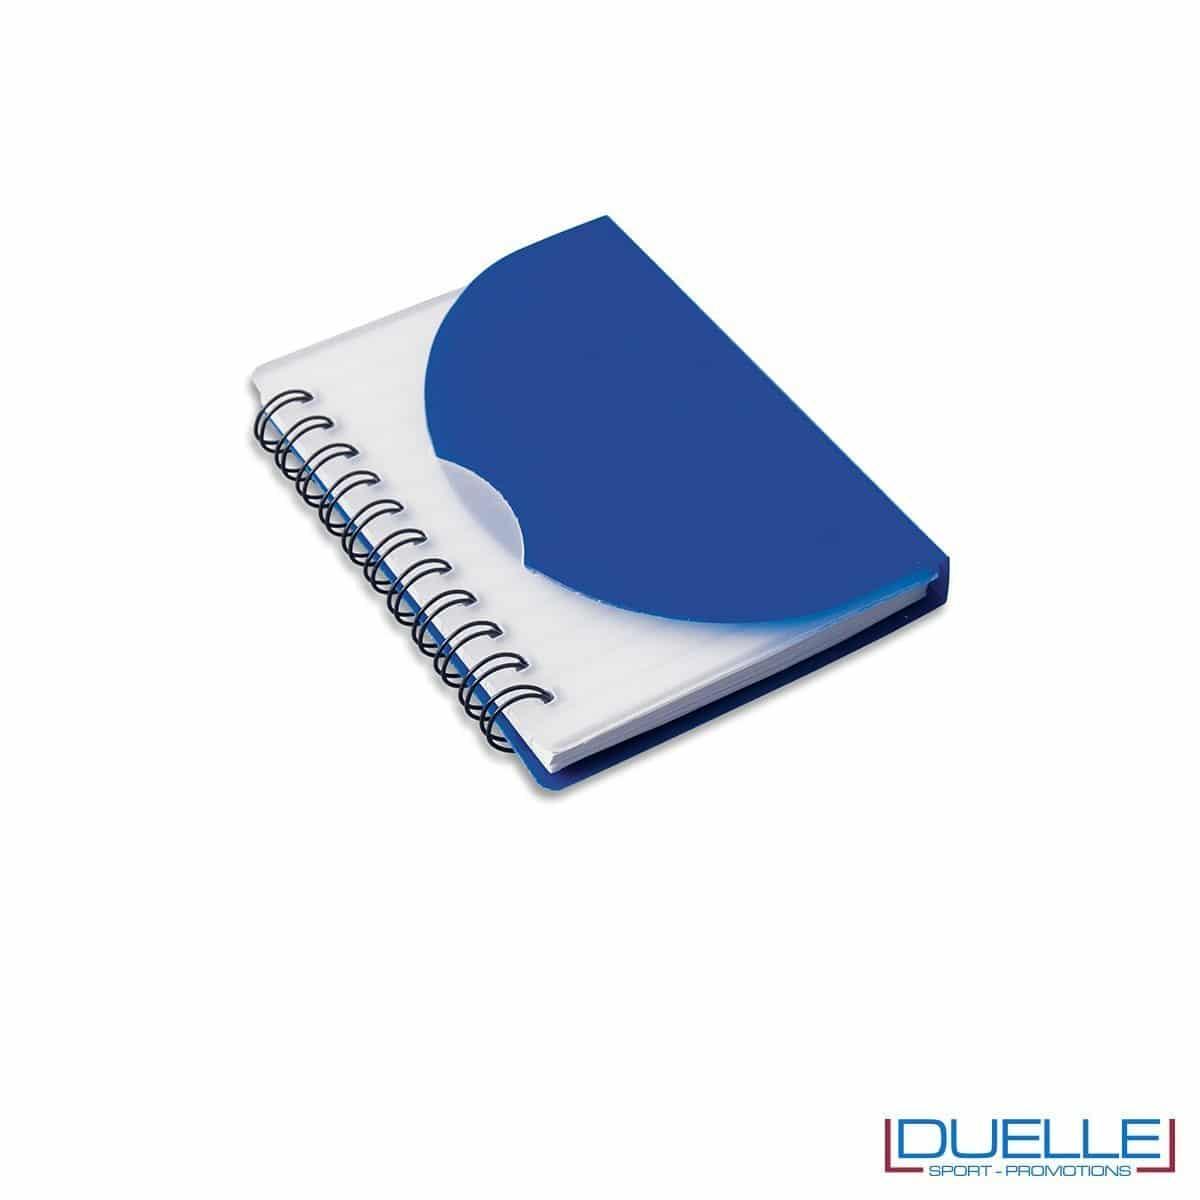 Quaderno personalizzato in plastica traslucida blu navy